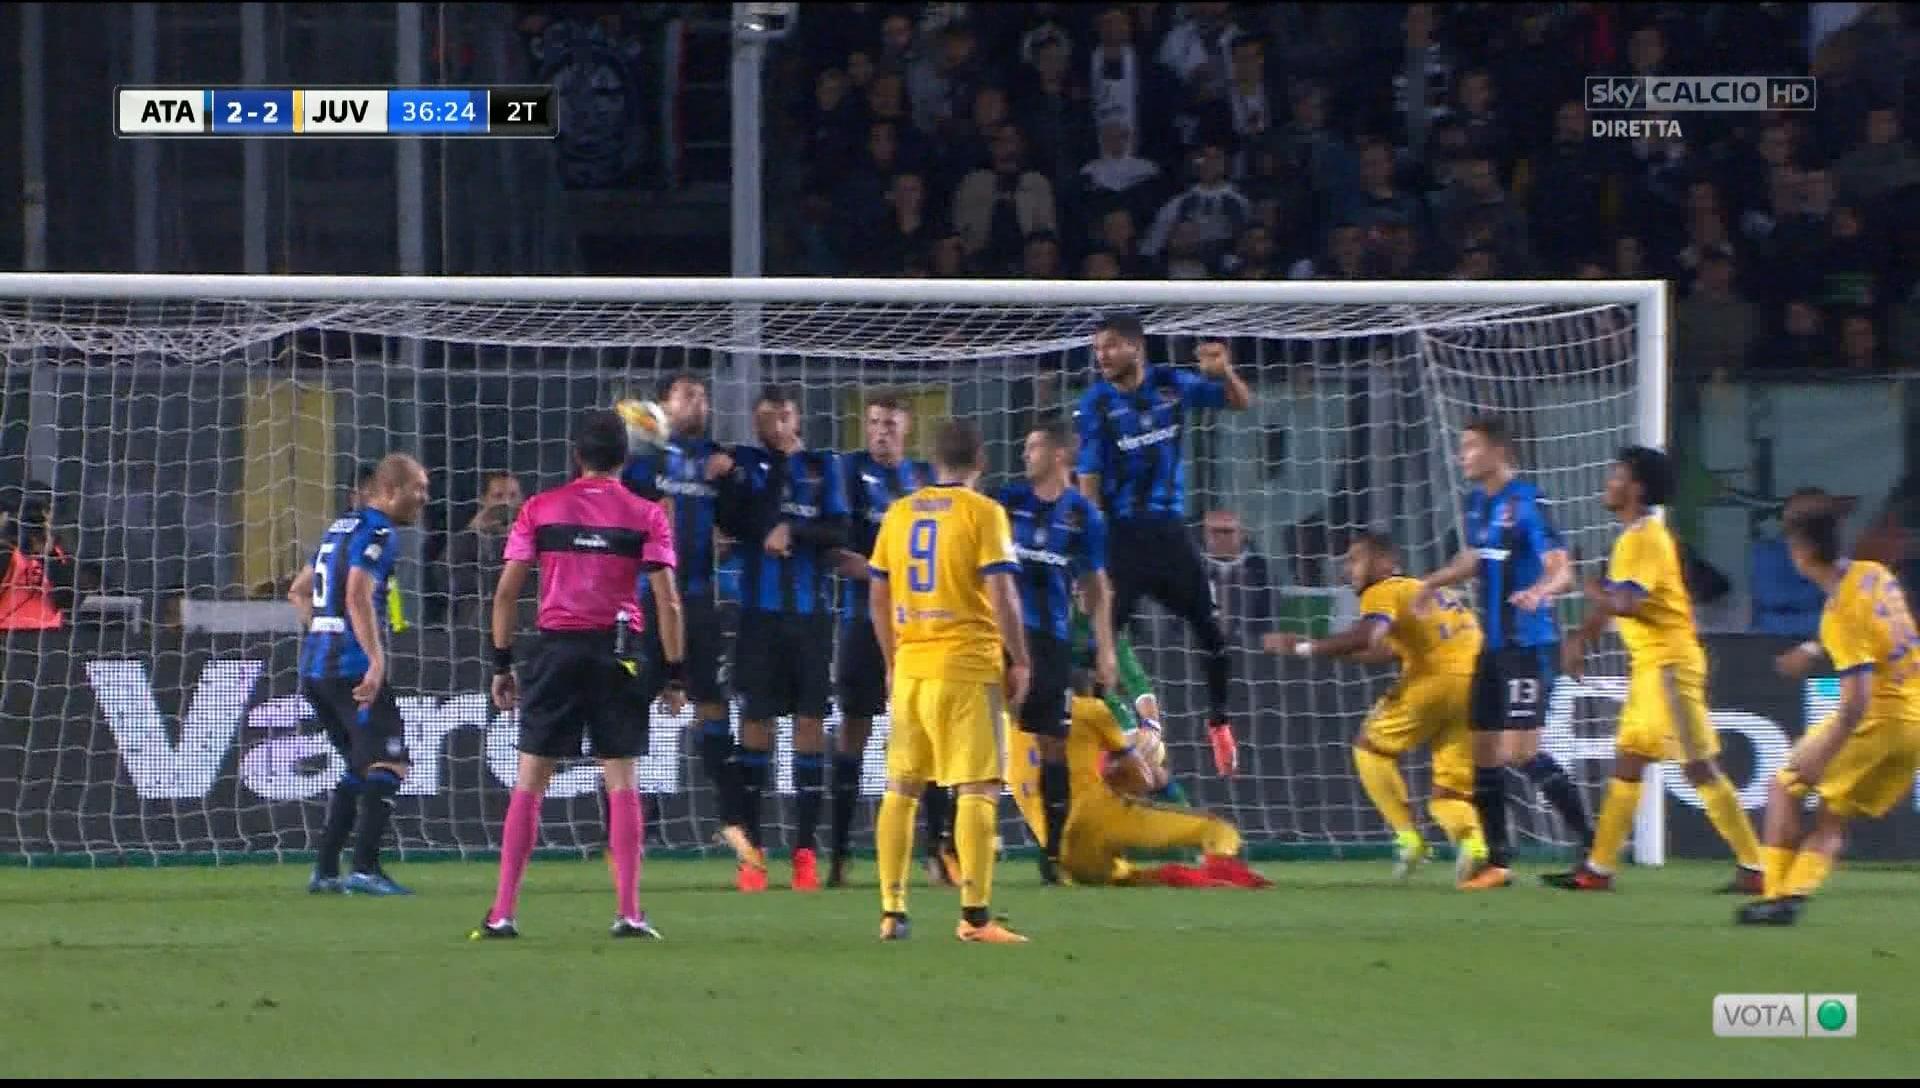 Atalanta-Juventus, Petagna la tocca in area: Damato concede il penalty